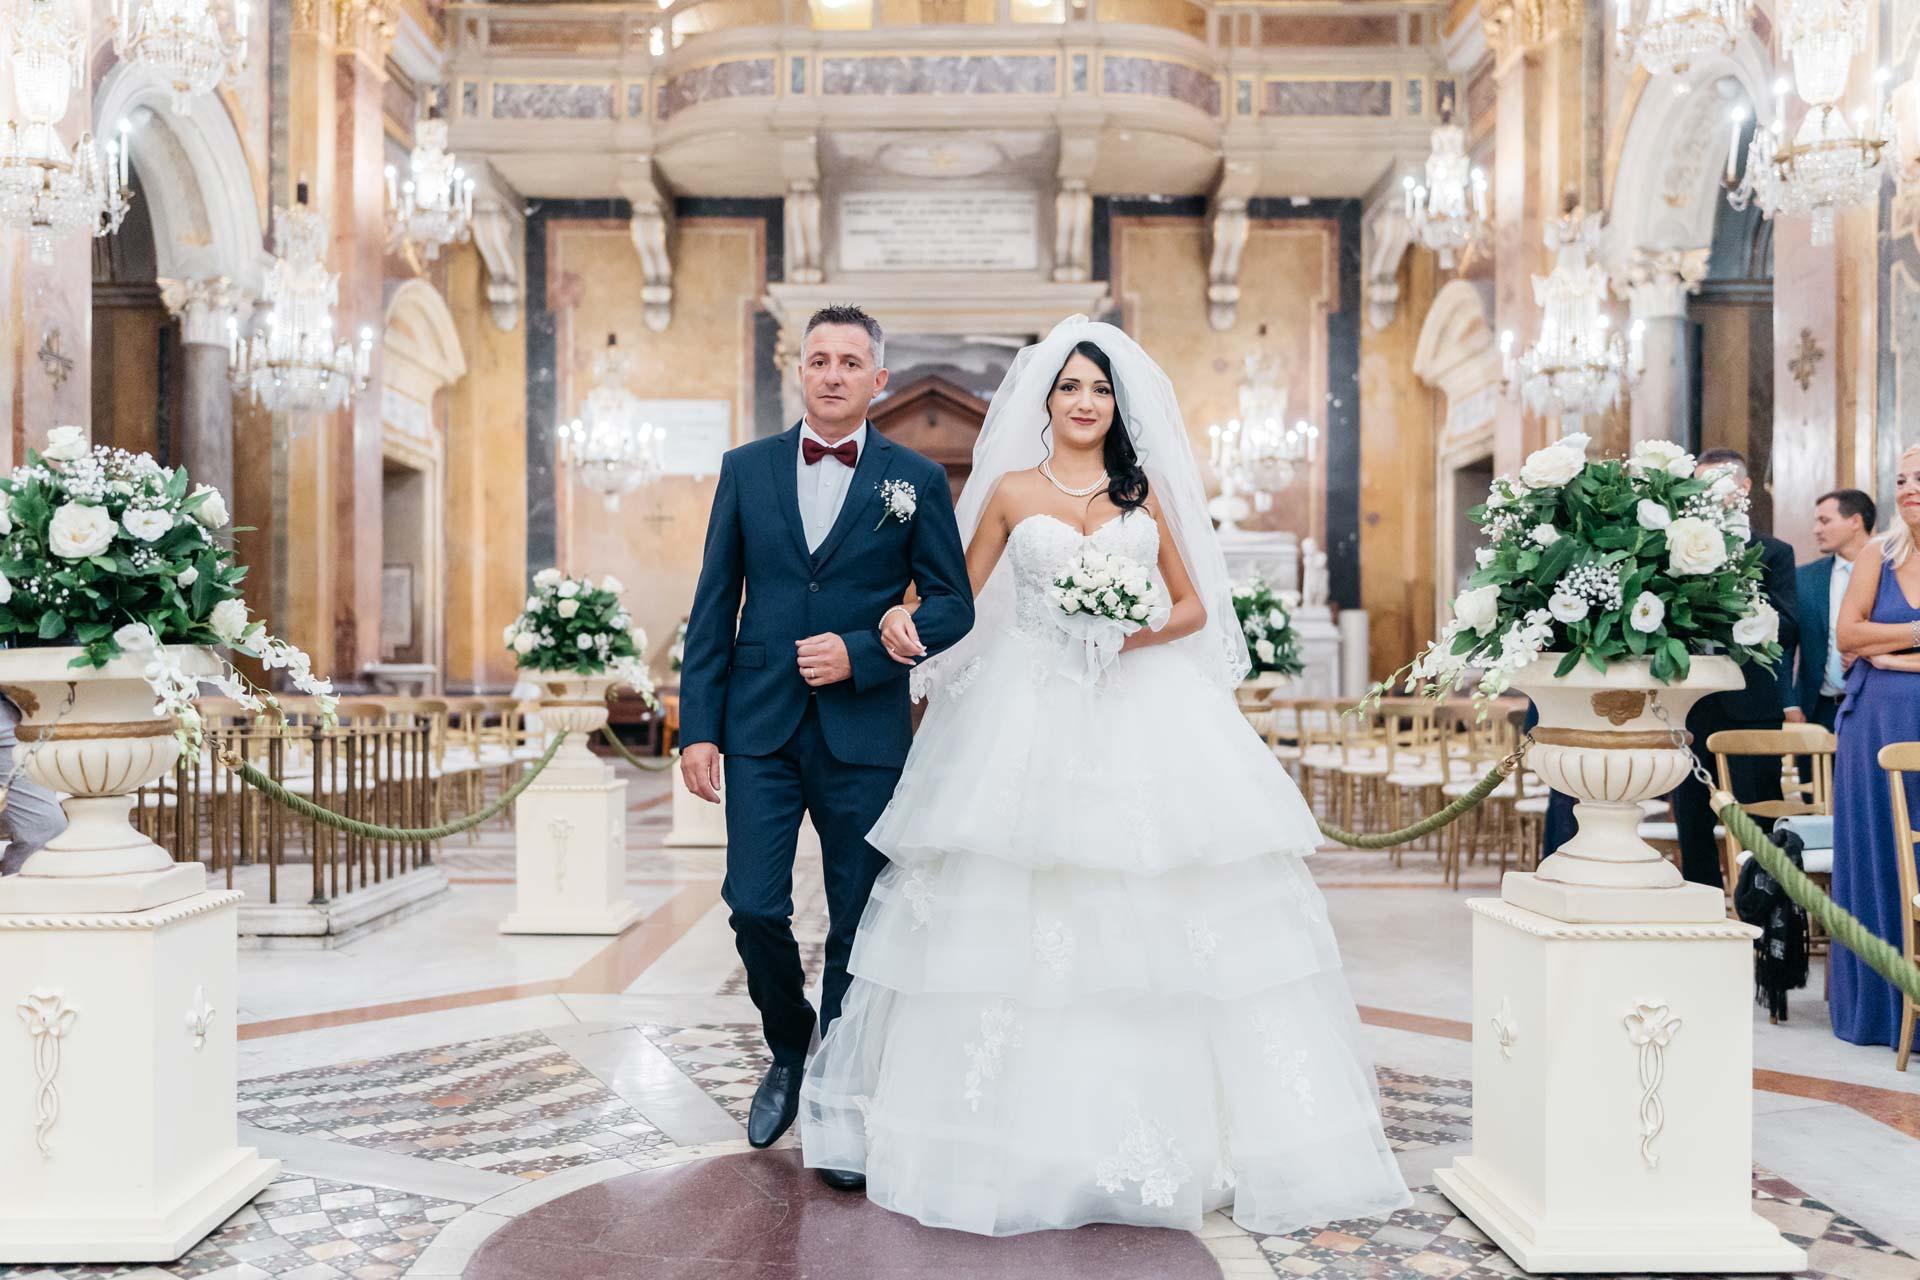 fotografo-matrimoni-reportage-basilica-santi-giovanni-e-paolo